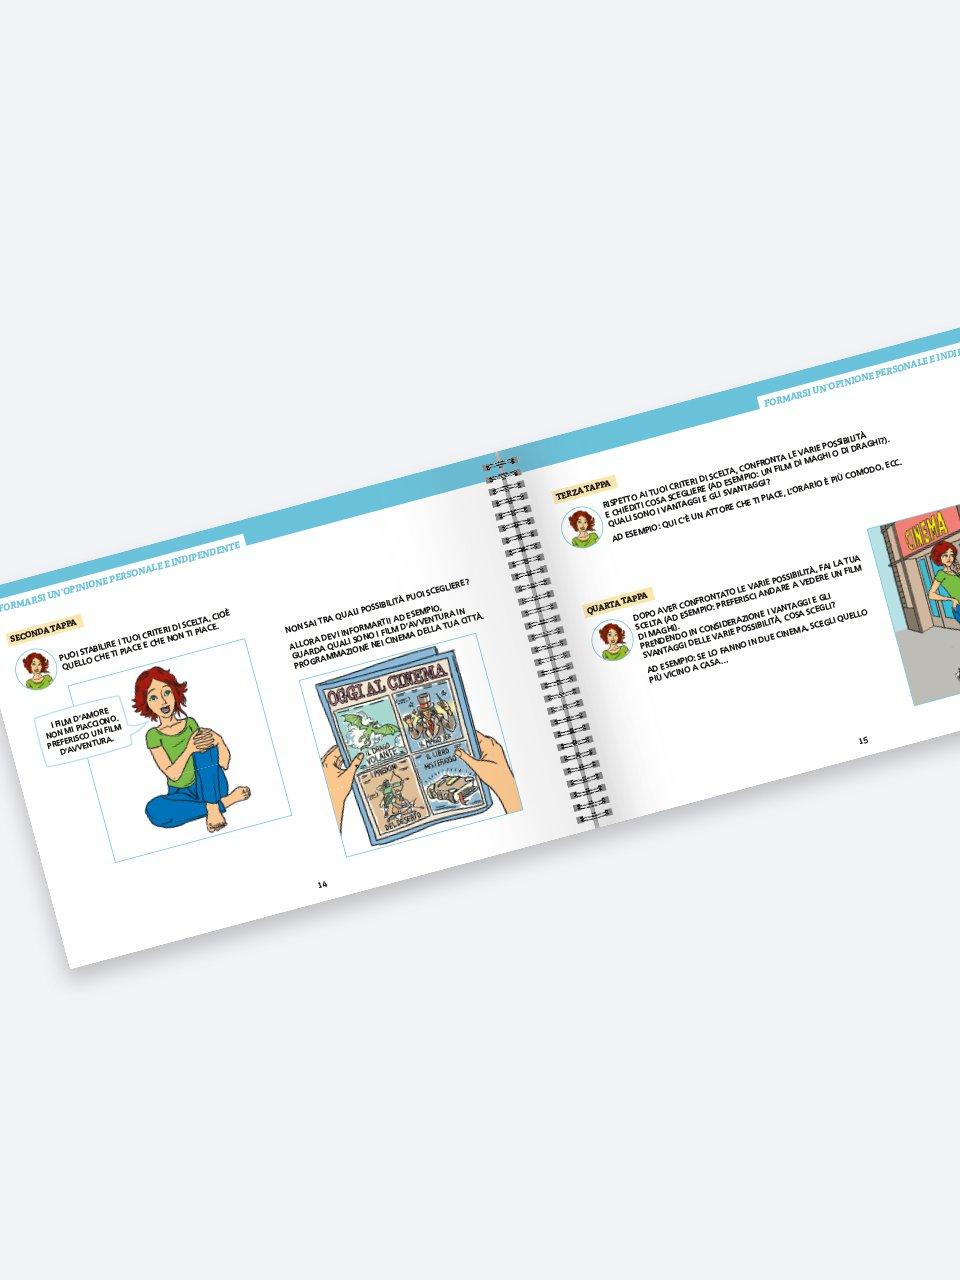 Informarsi, capire e votare: l'importante è partec - Libri - Erickson 2